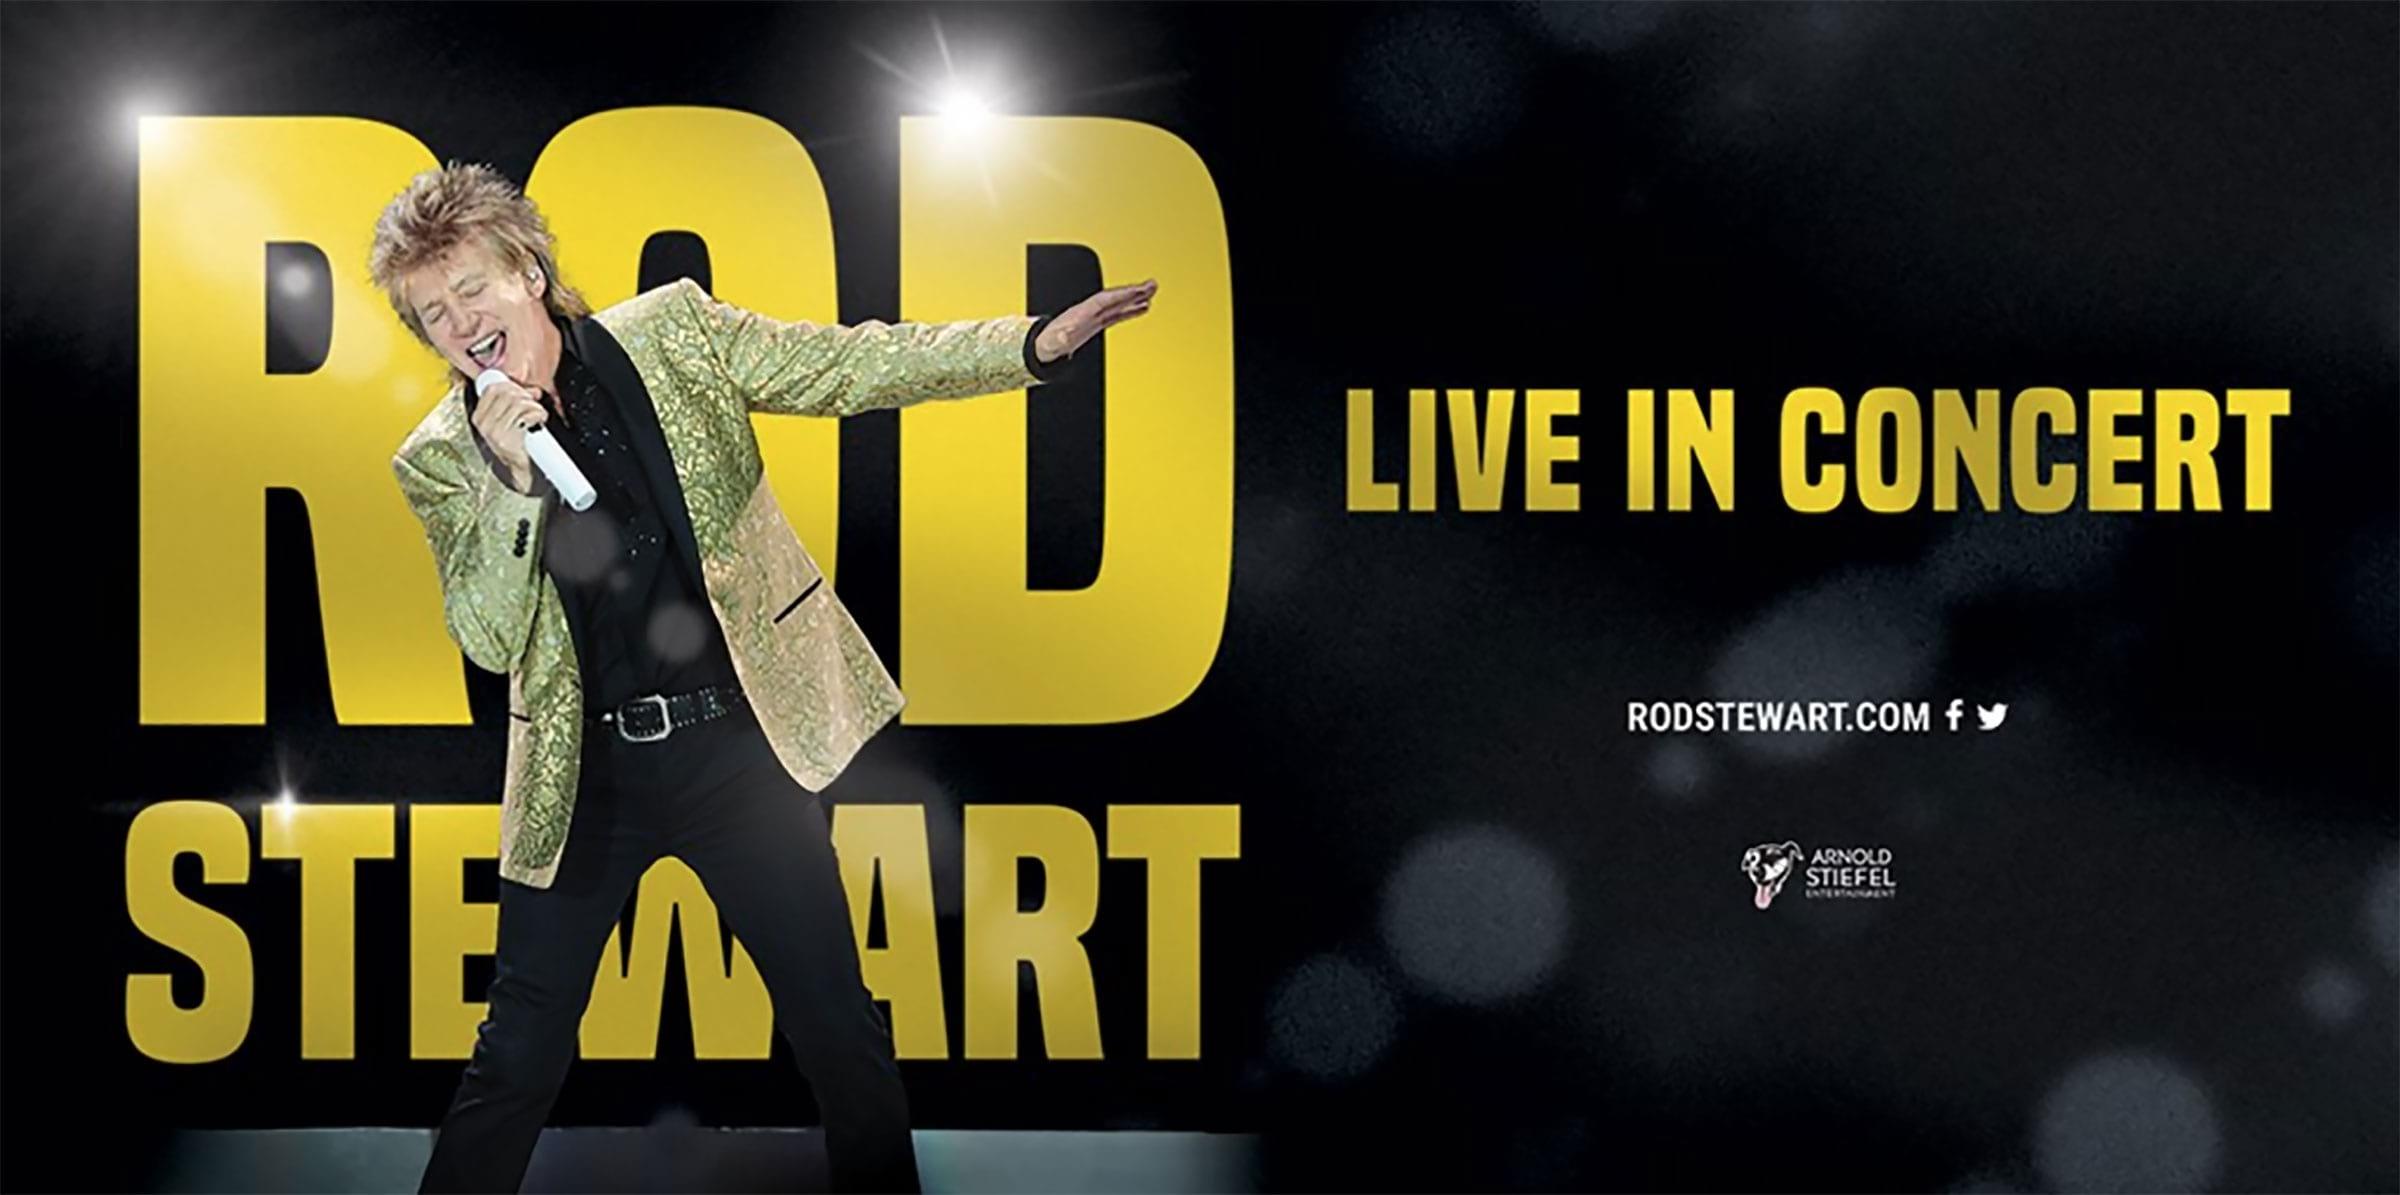 Rod Stewart Live in Concert till Stockholm